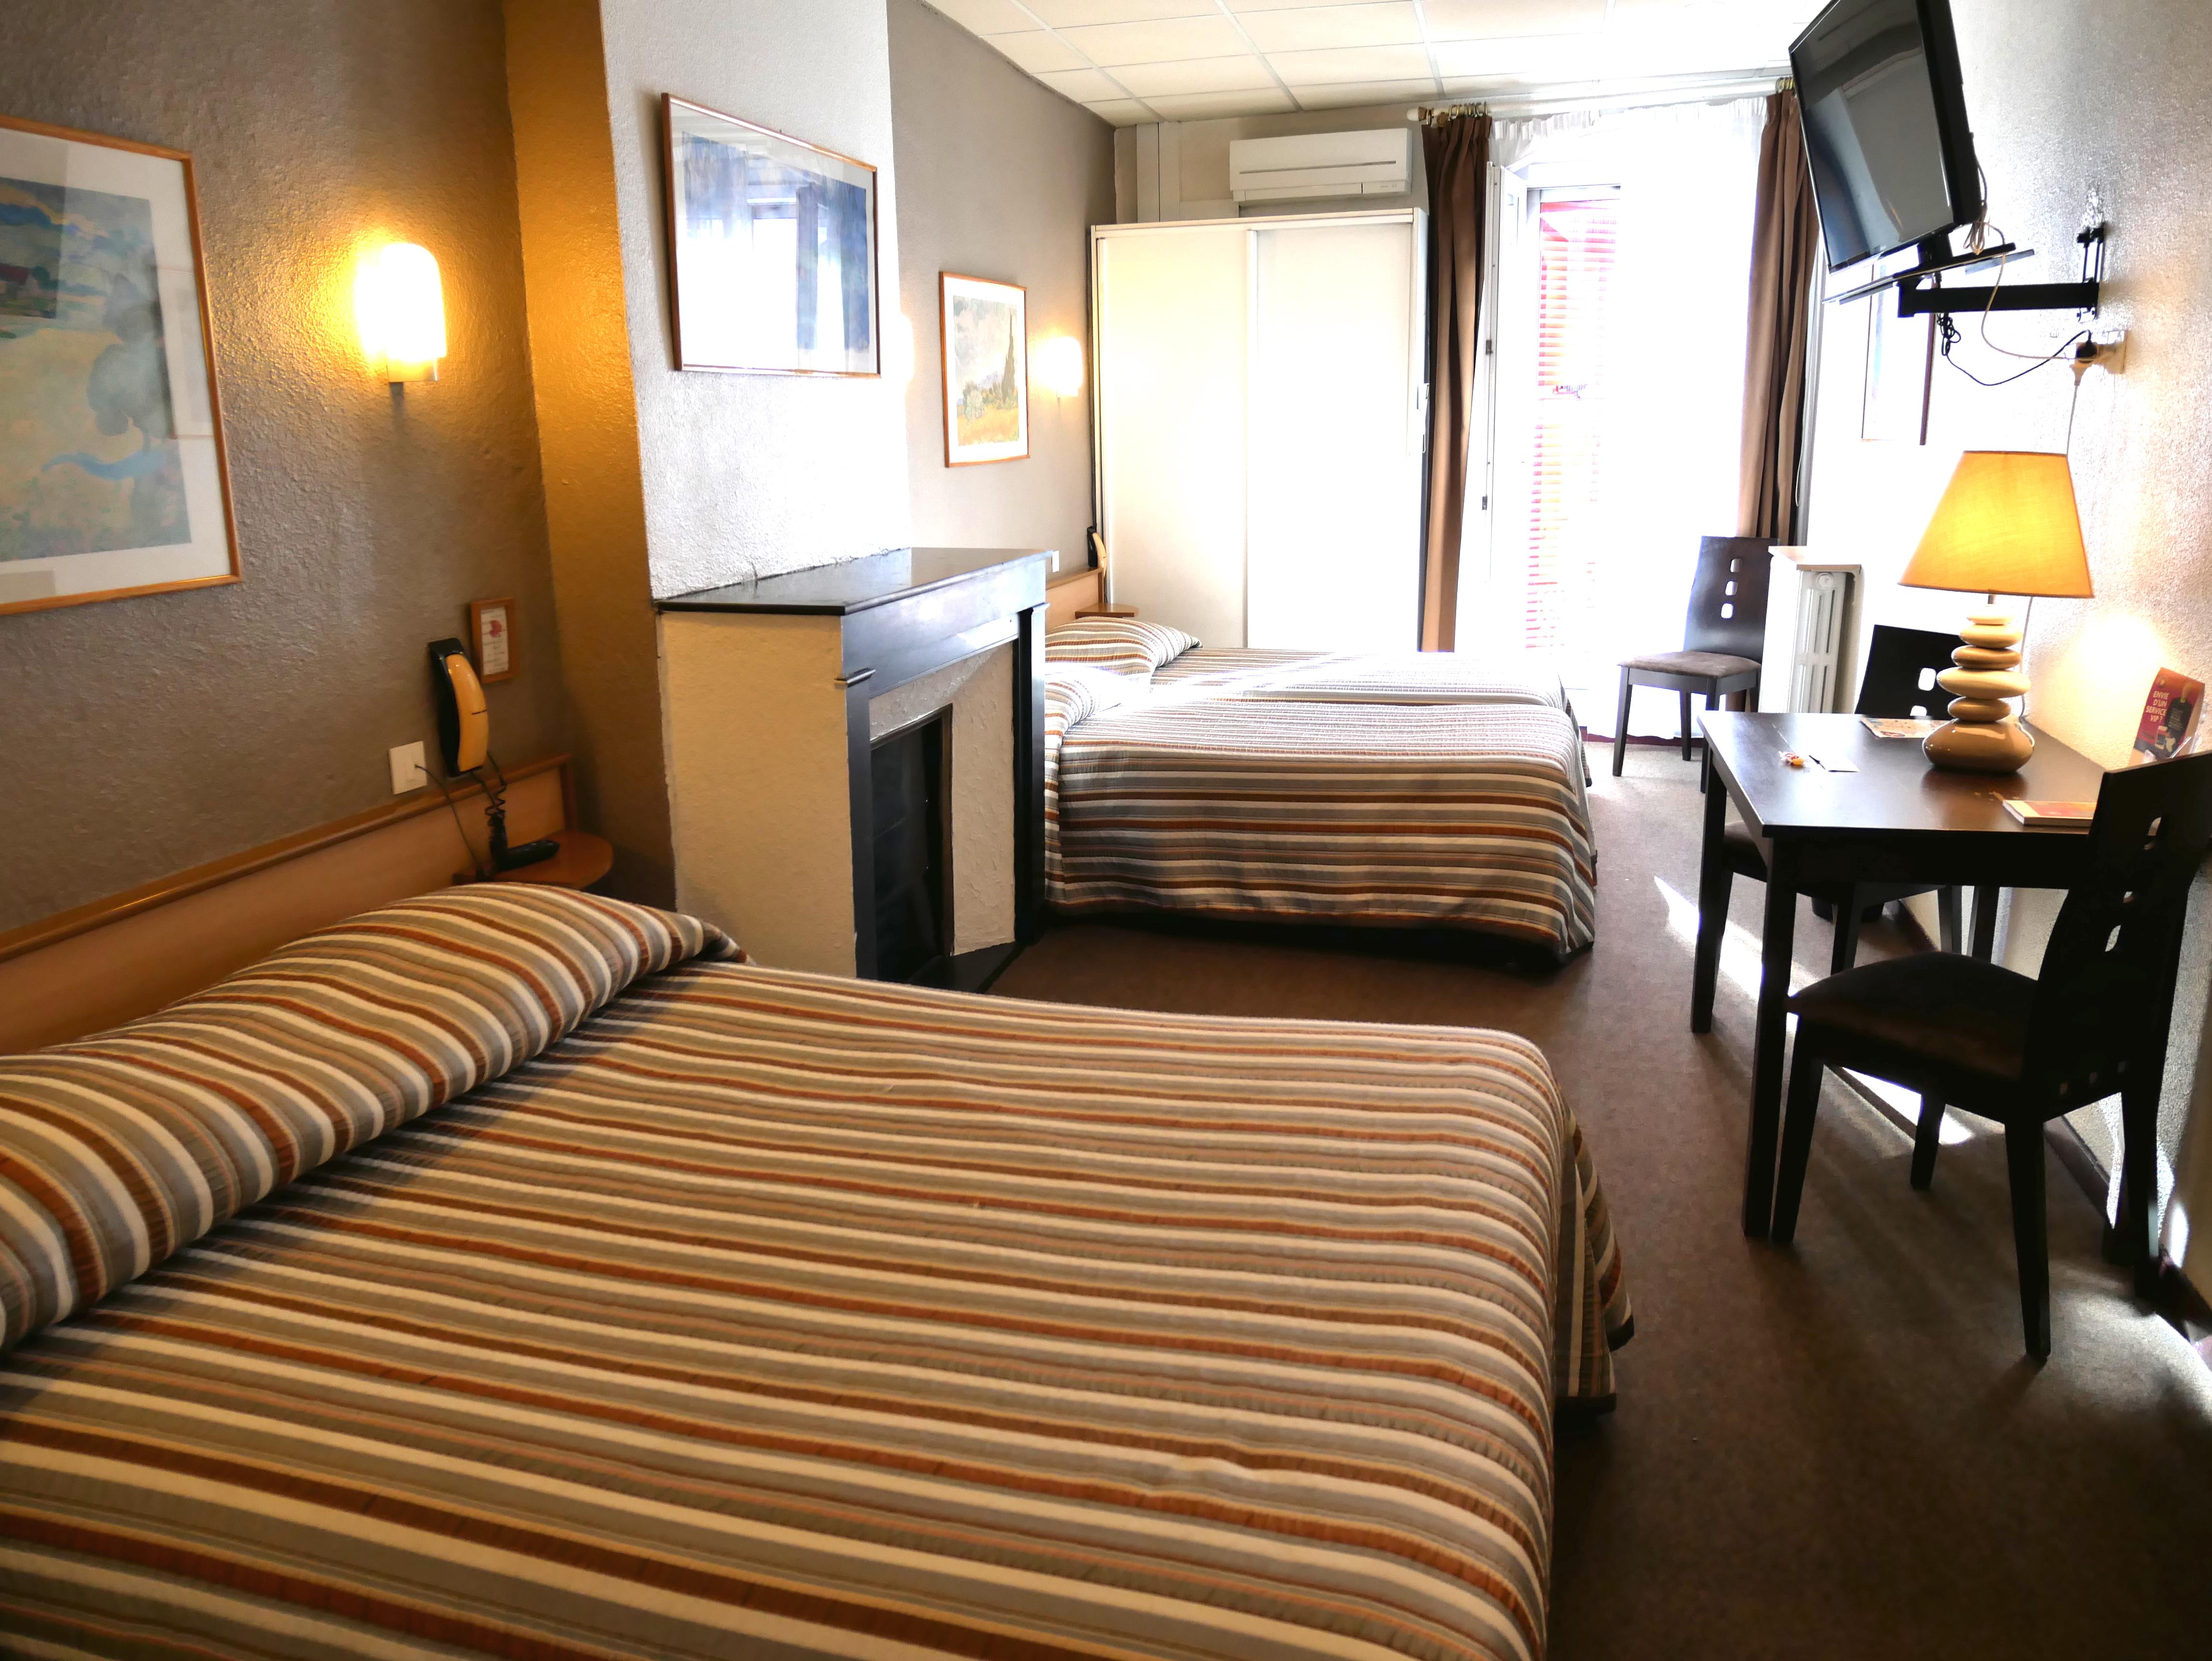 Chambre sup rieure triple salon salon de provence h tel d 39 angleterre salon de provence - Hotel d angleterre salon de provence ...